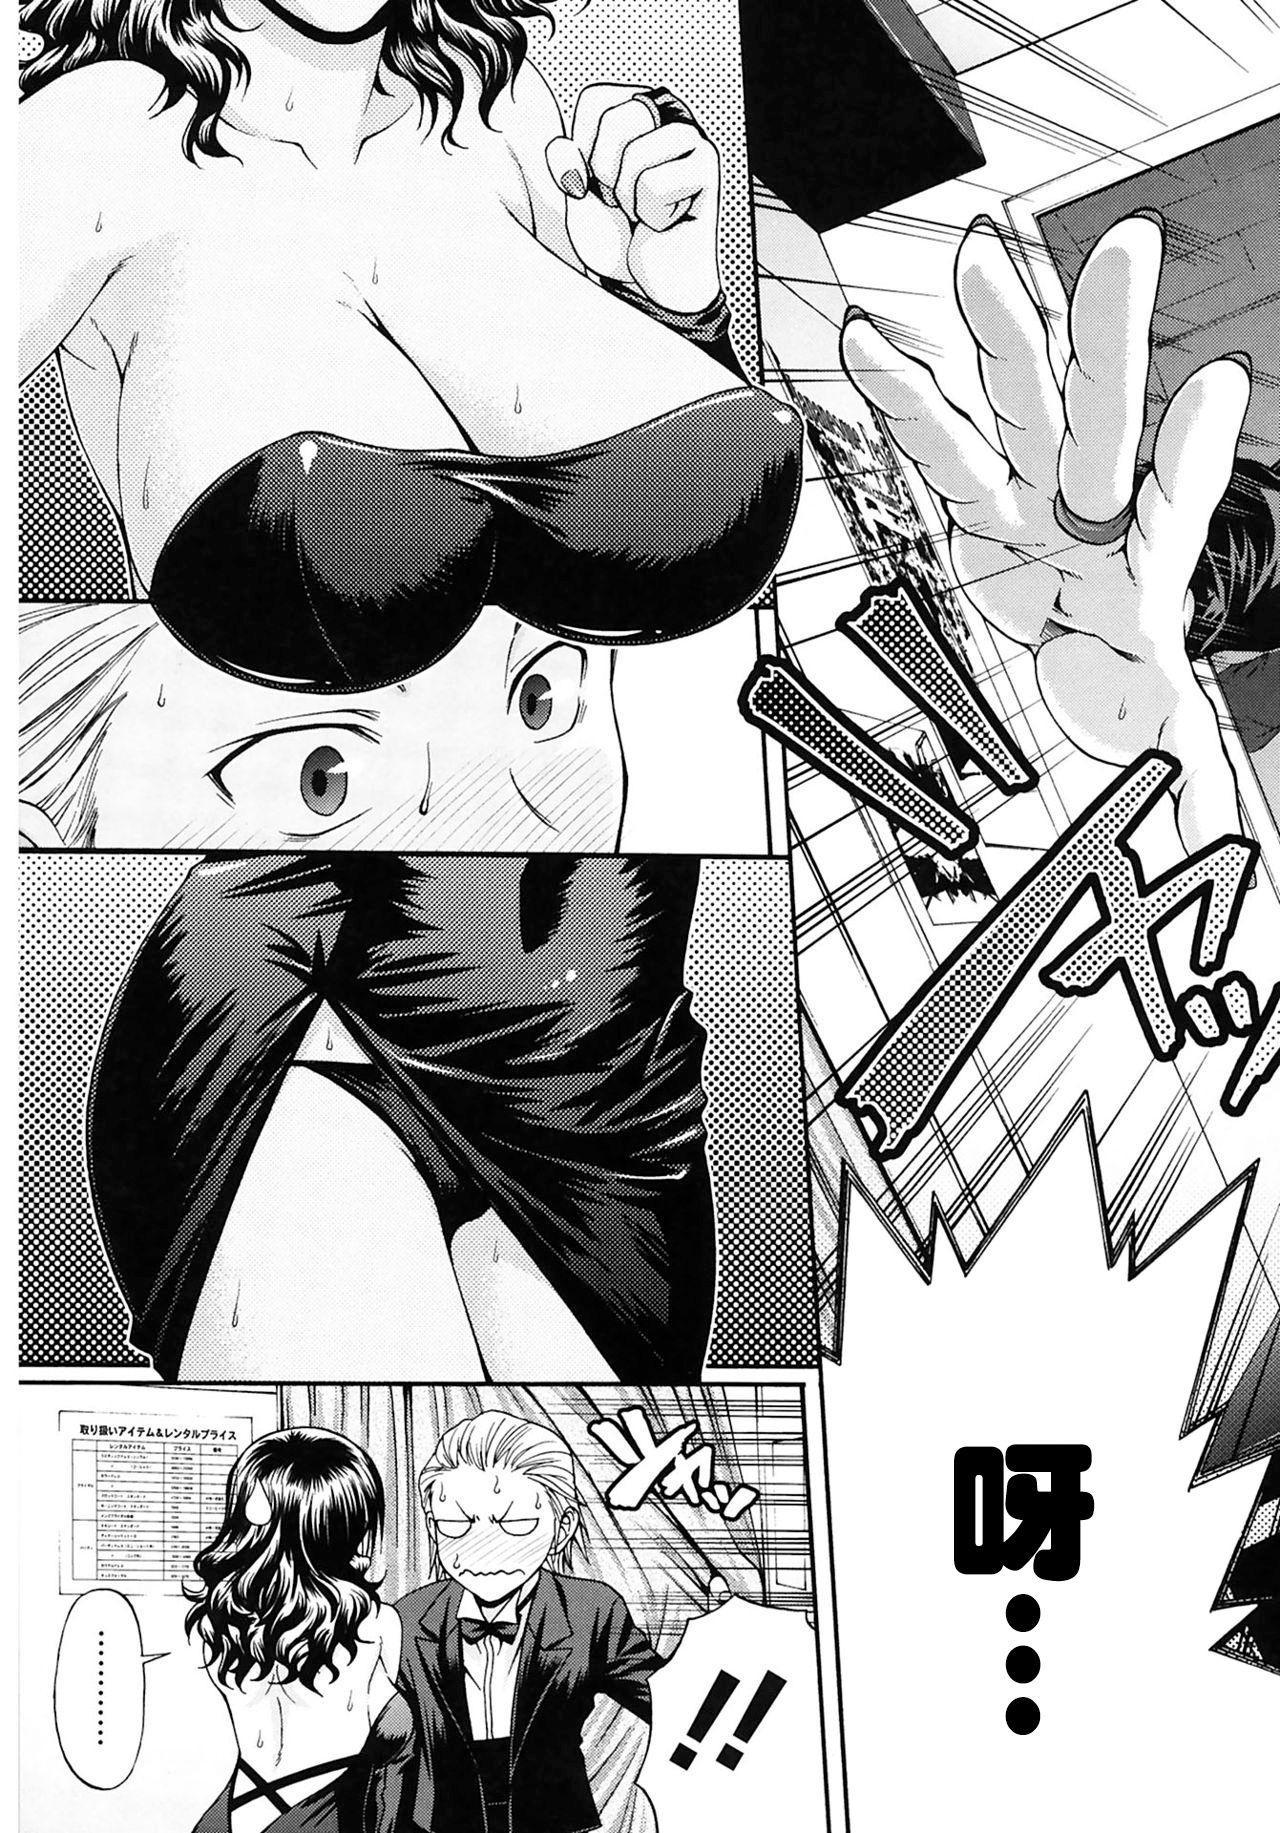 [零星汉化组]チバトシロウ(chiba toshirou) FUNNY BUNNY 2